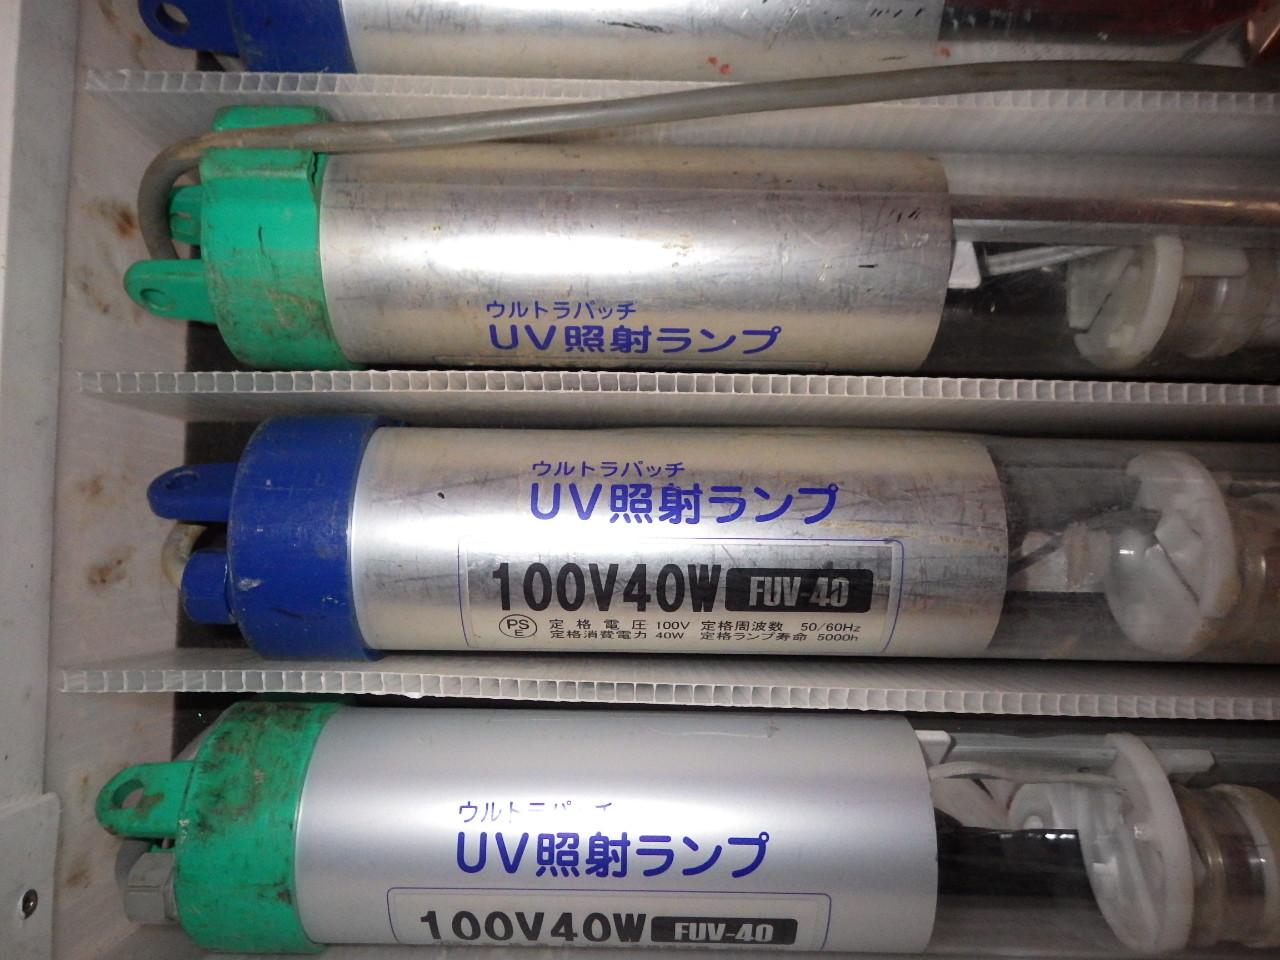 紫外線(UV)照射ランプ